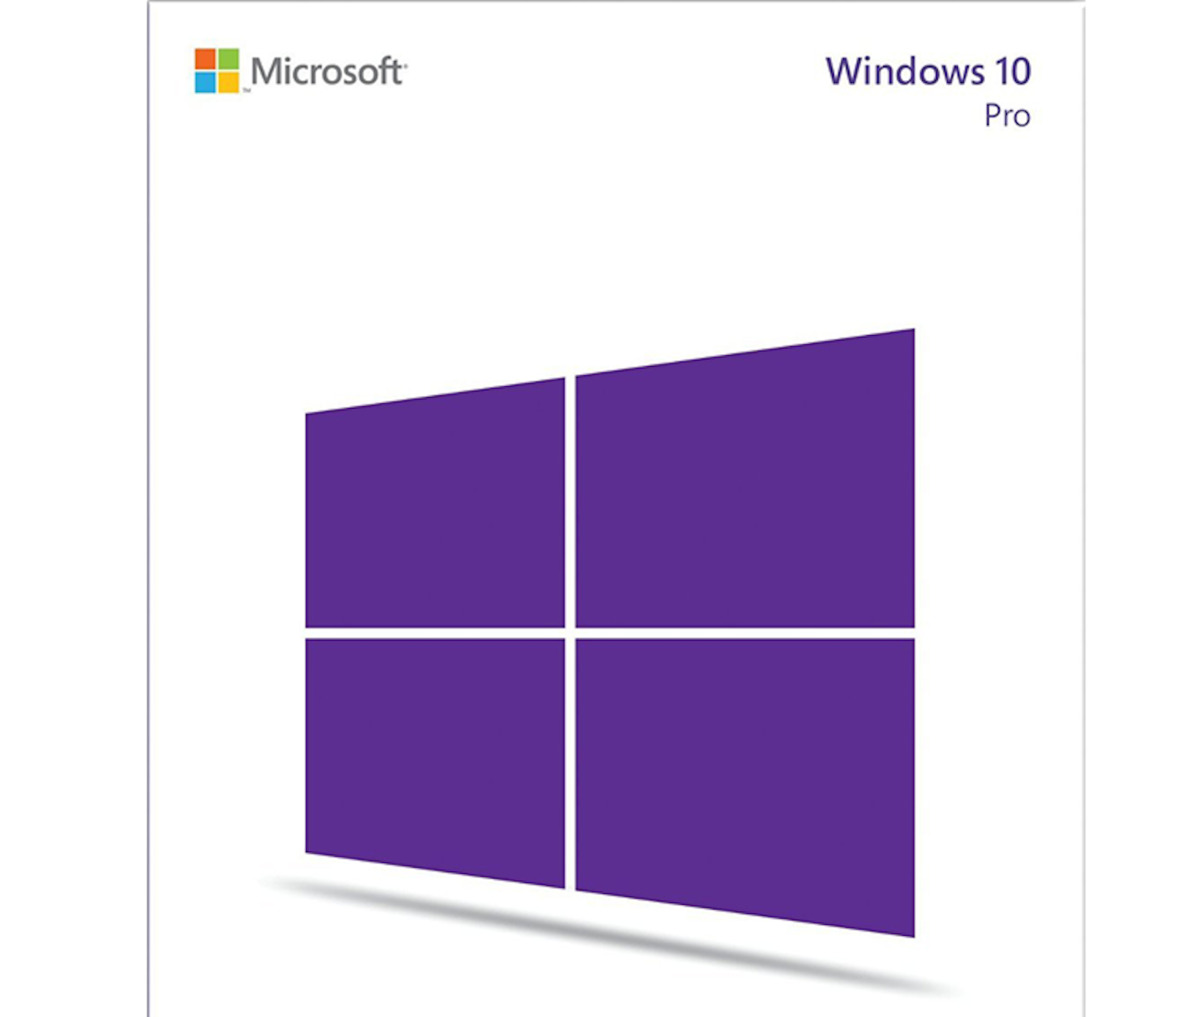 boîte windows 10 pro 0